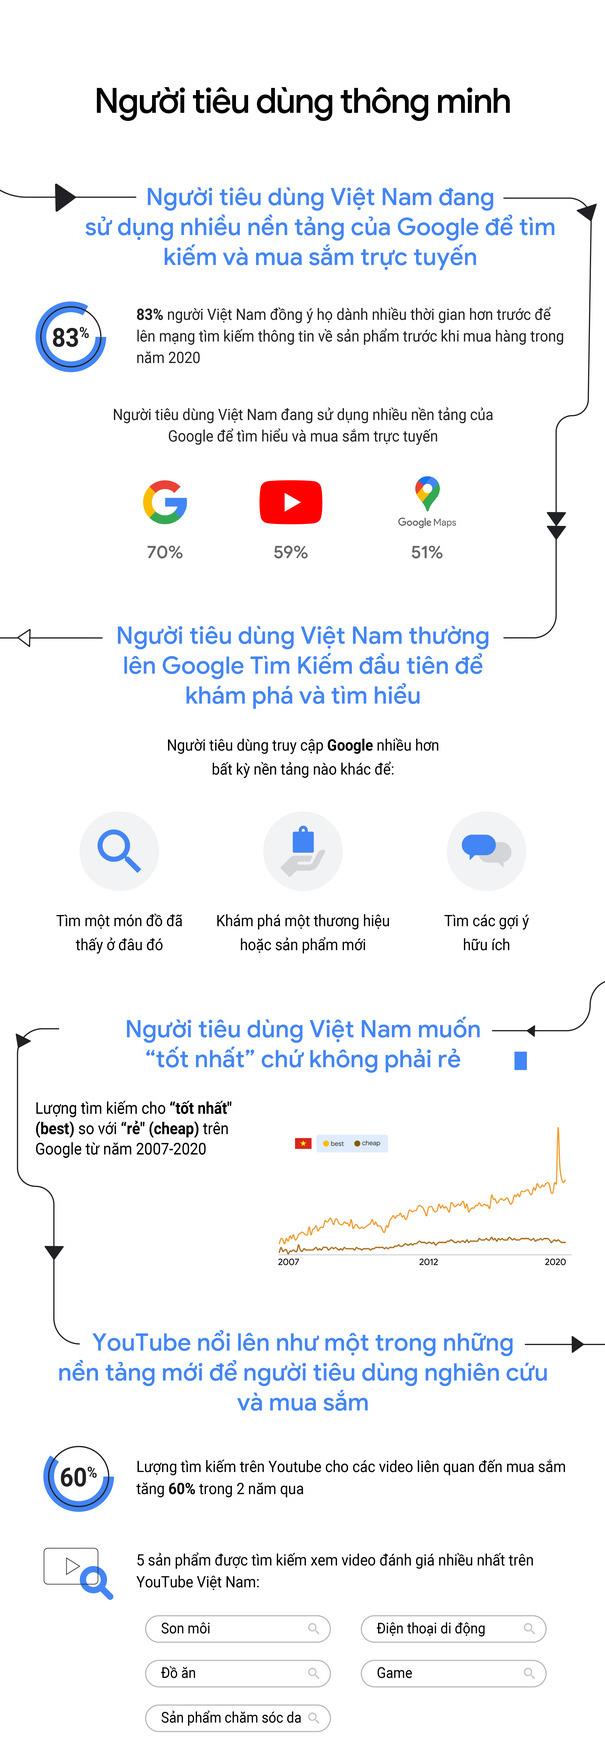 [Infographic] Người tiêu dùng tìm cách mới để mua hàng trực tuyến tại nhà - Ảnh 2.